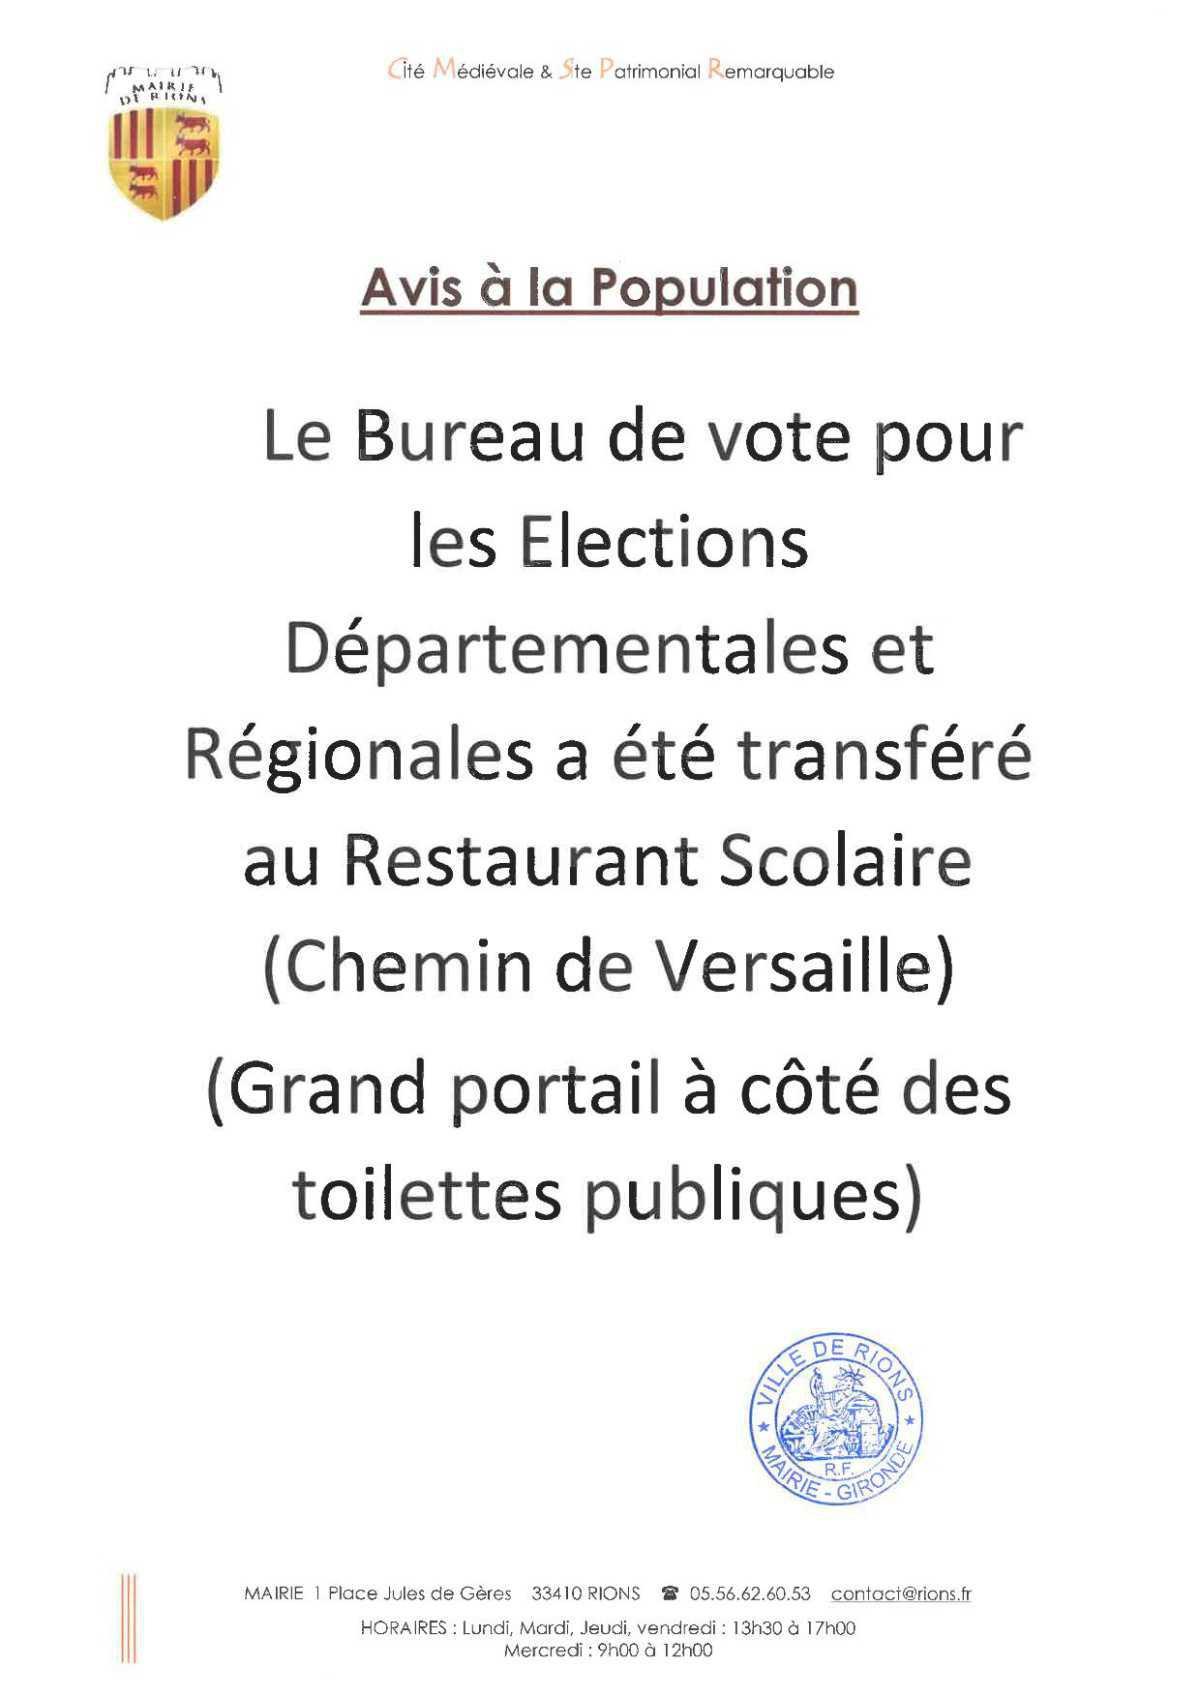 Changement de localisation du bureau de vote